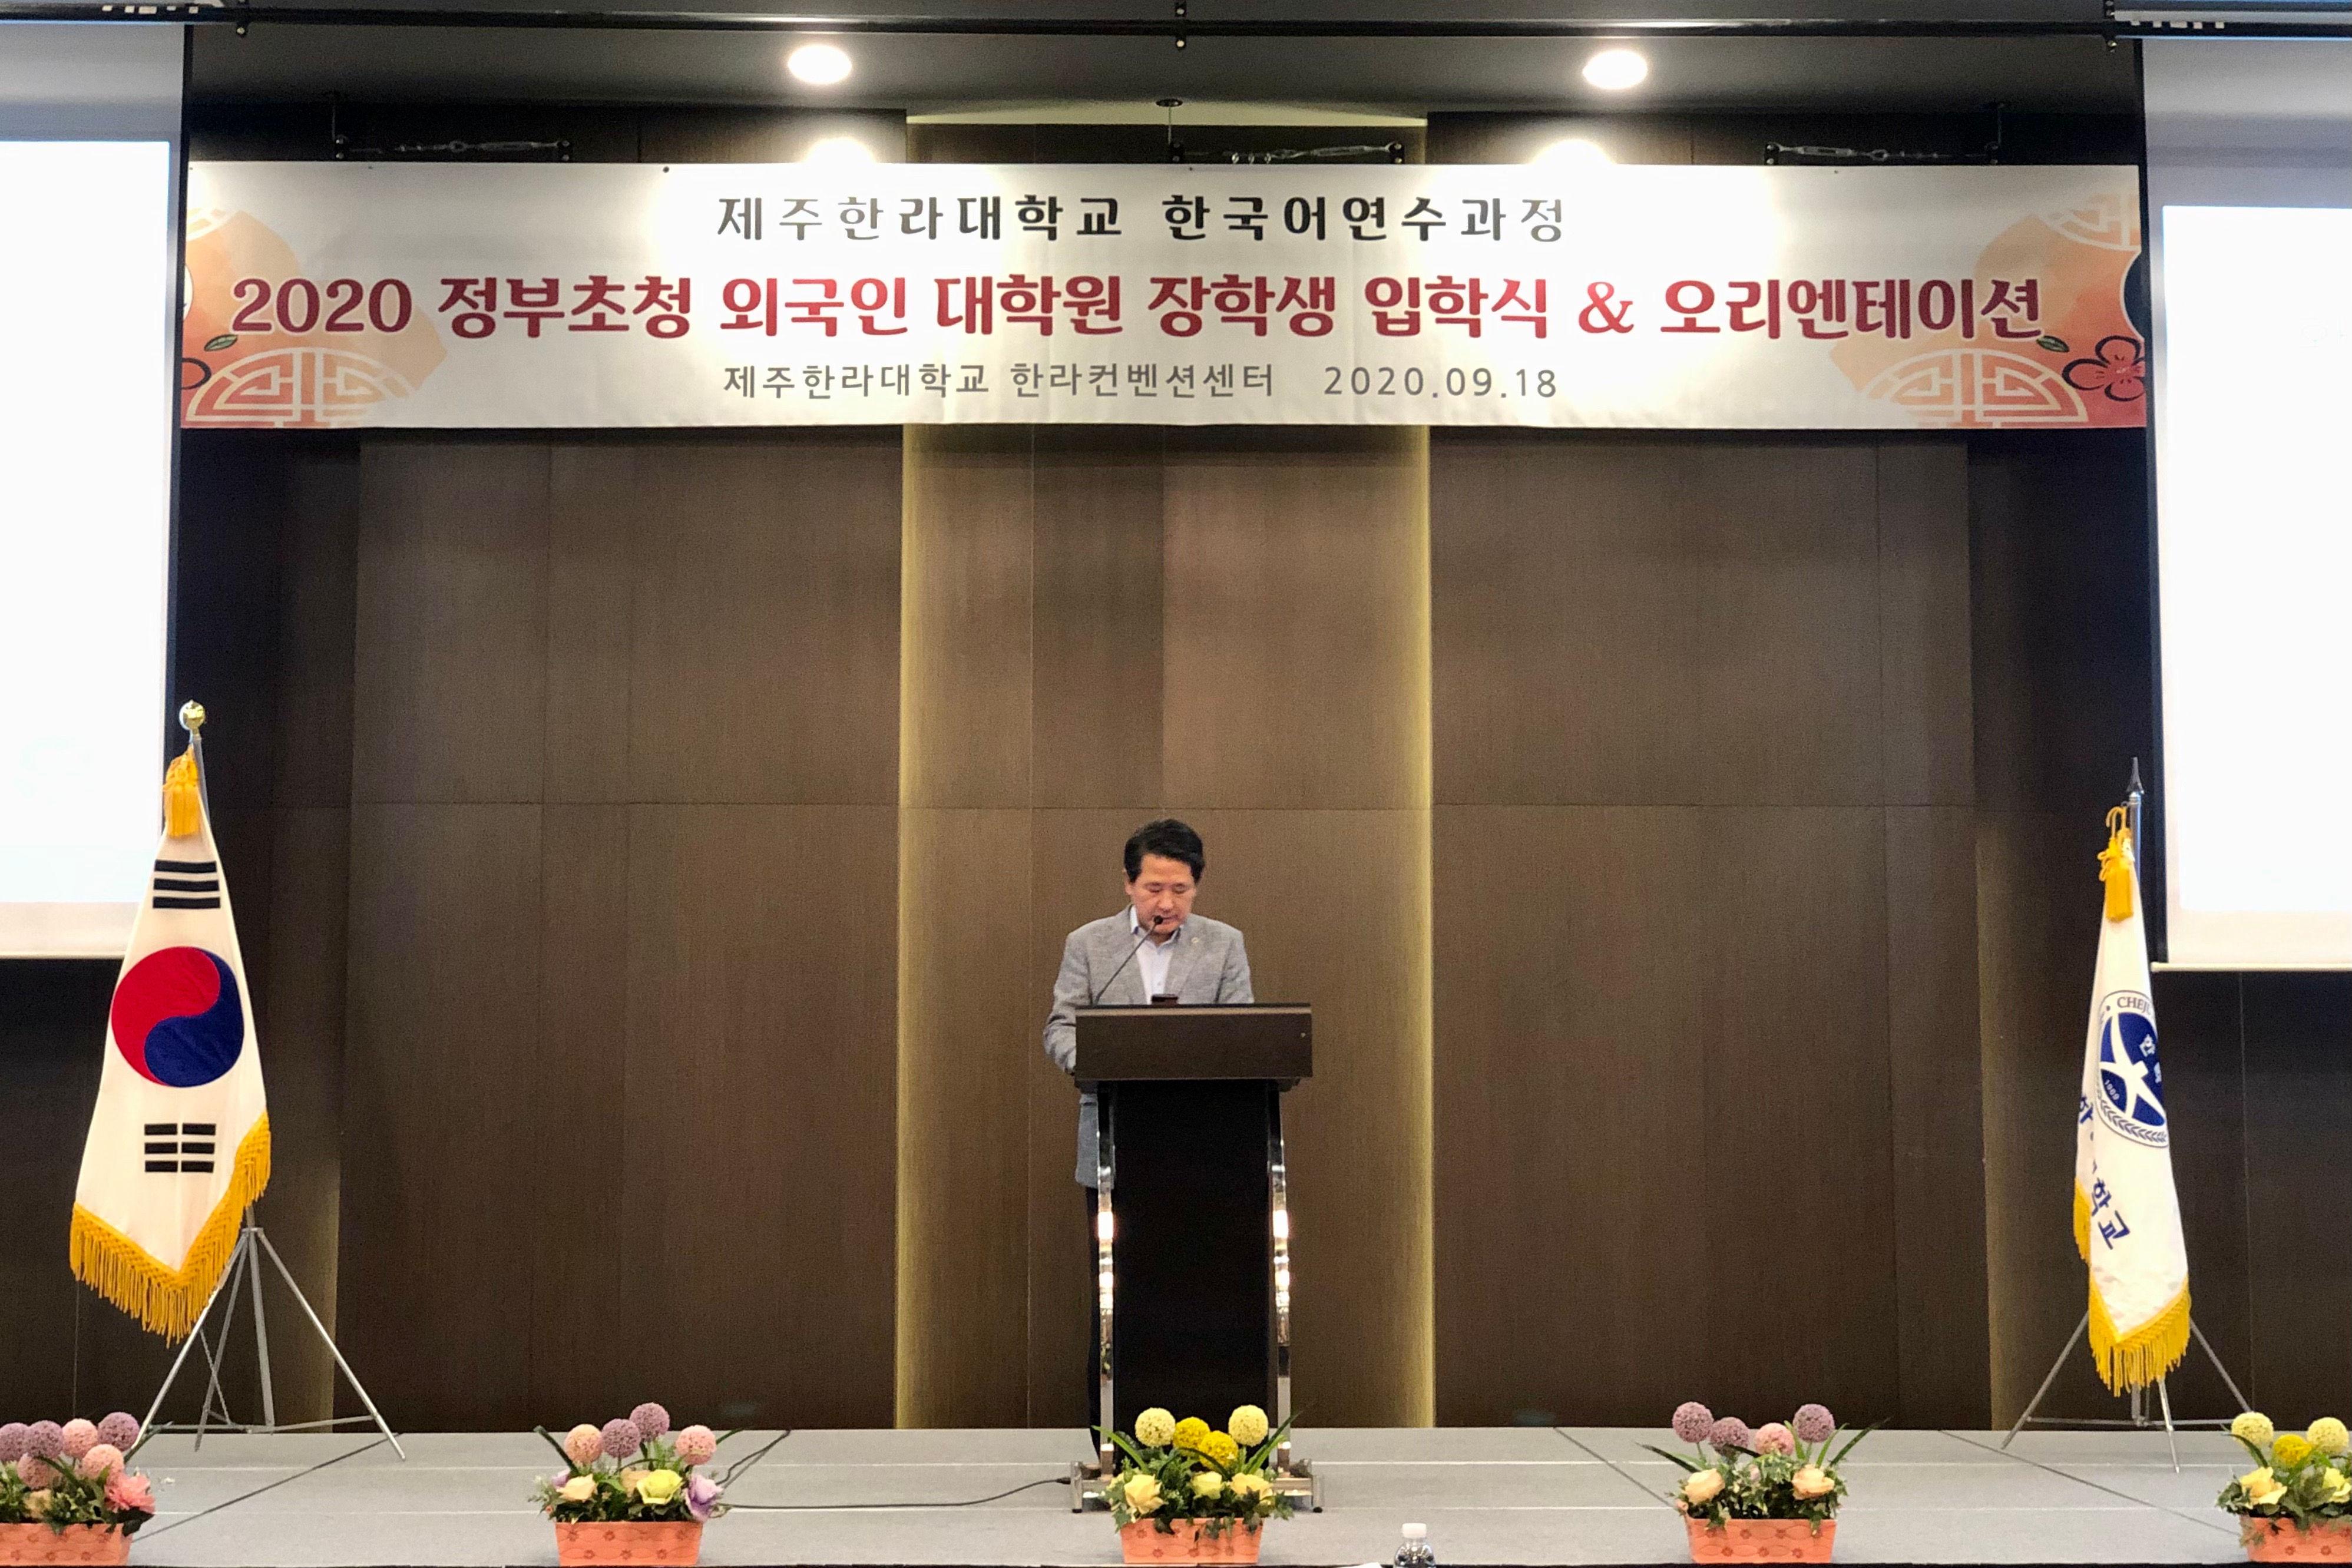 2020 정부초청 외국인 대학원 장학생 한국어 연수과정 입학식 및 오리엔테이션 개최2